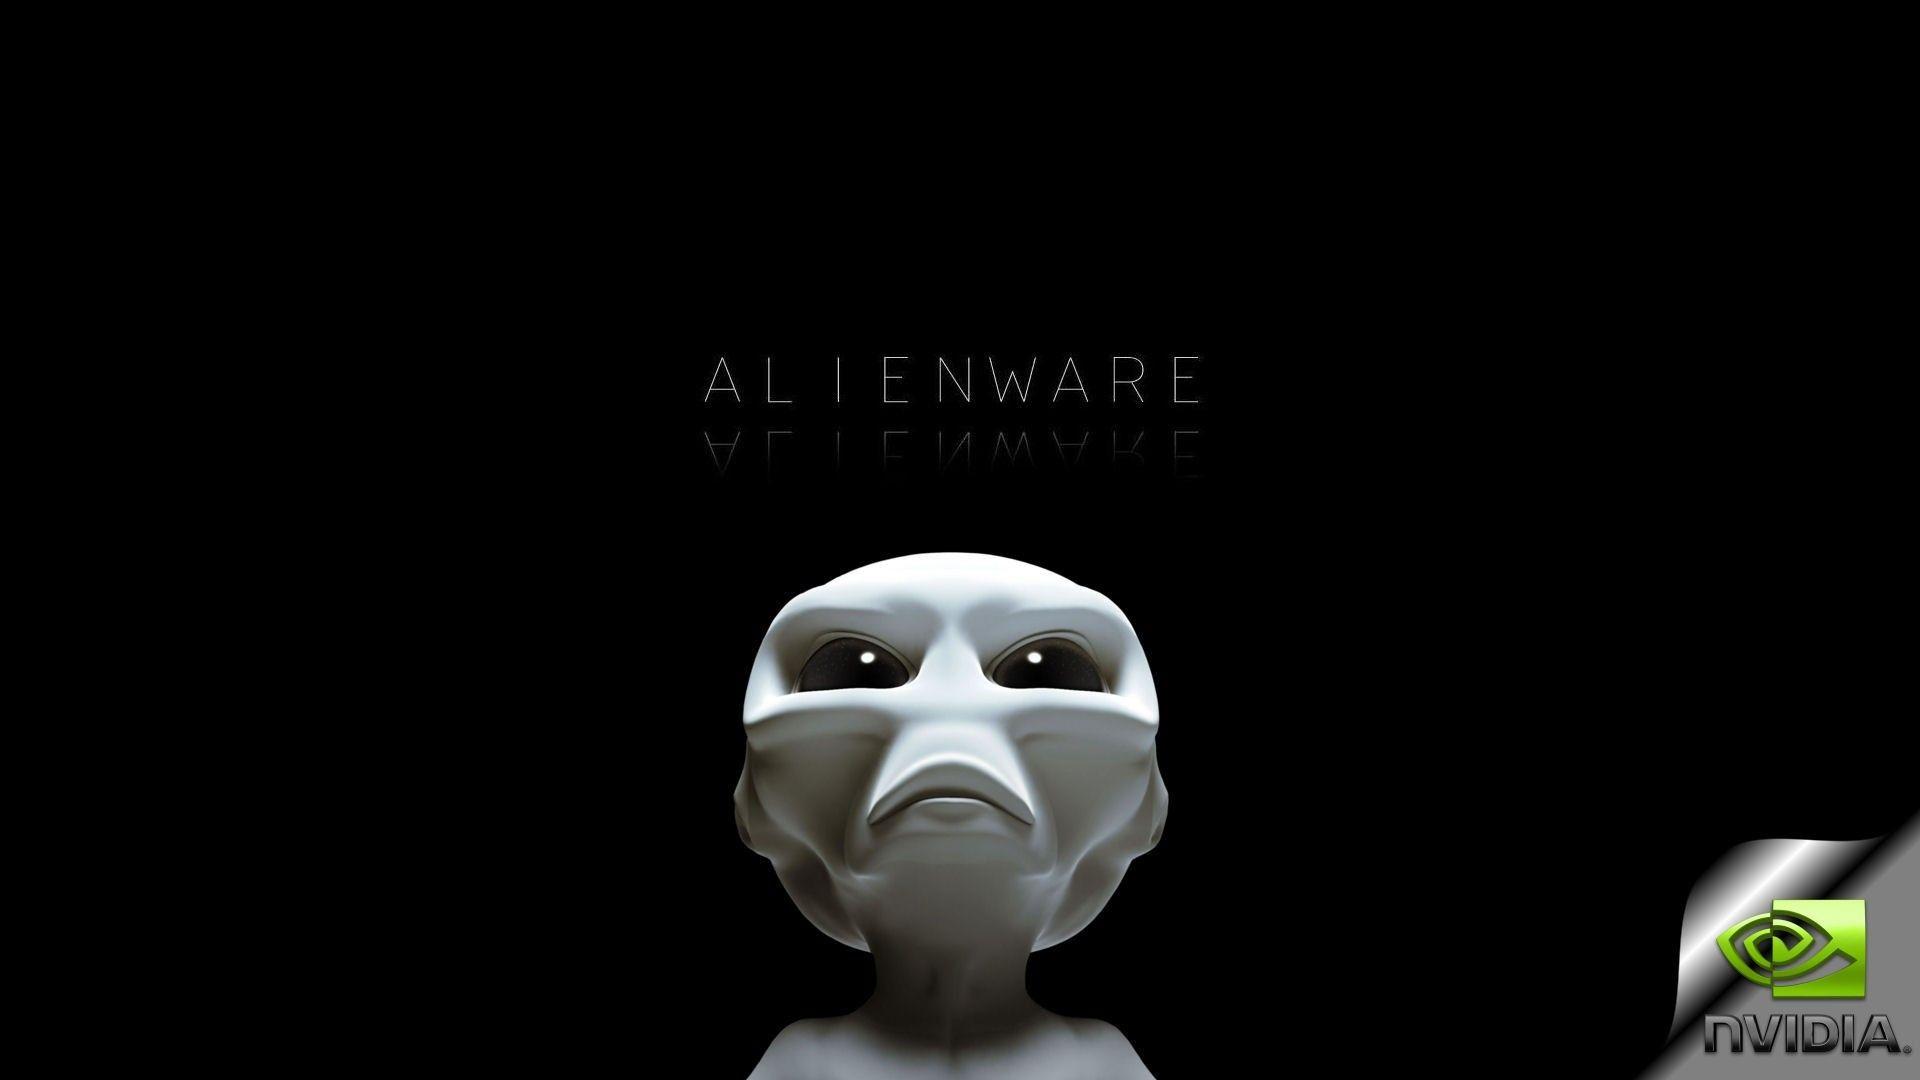 Res 1920x1080 Alienware Wallpaper 4k Alienware Hd New